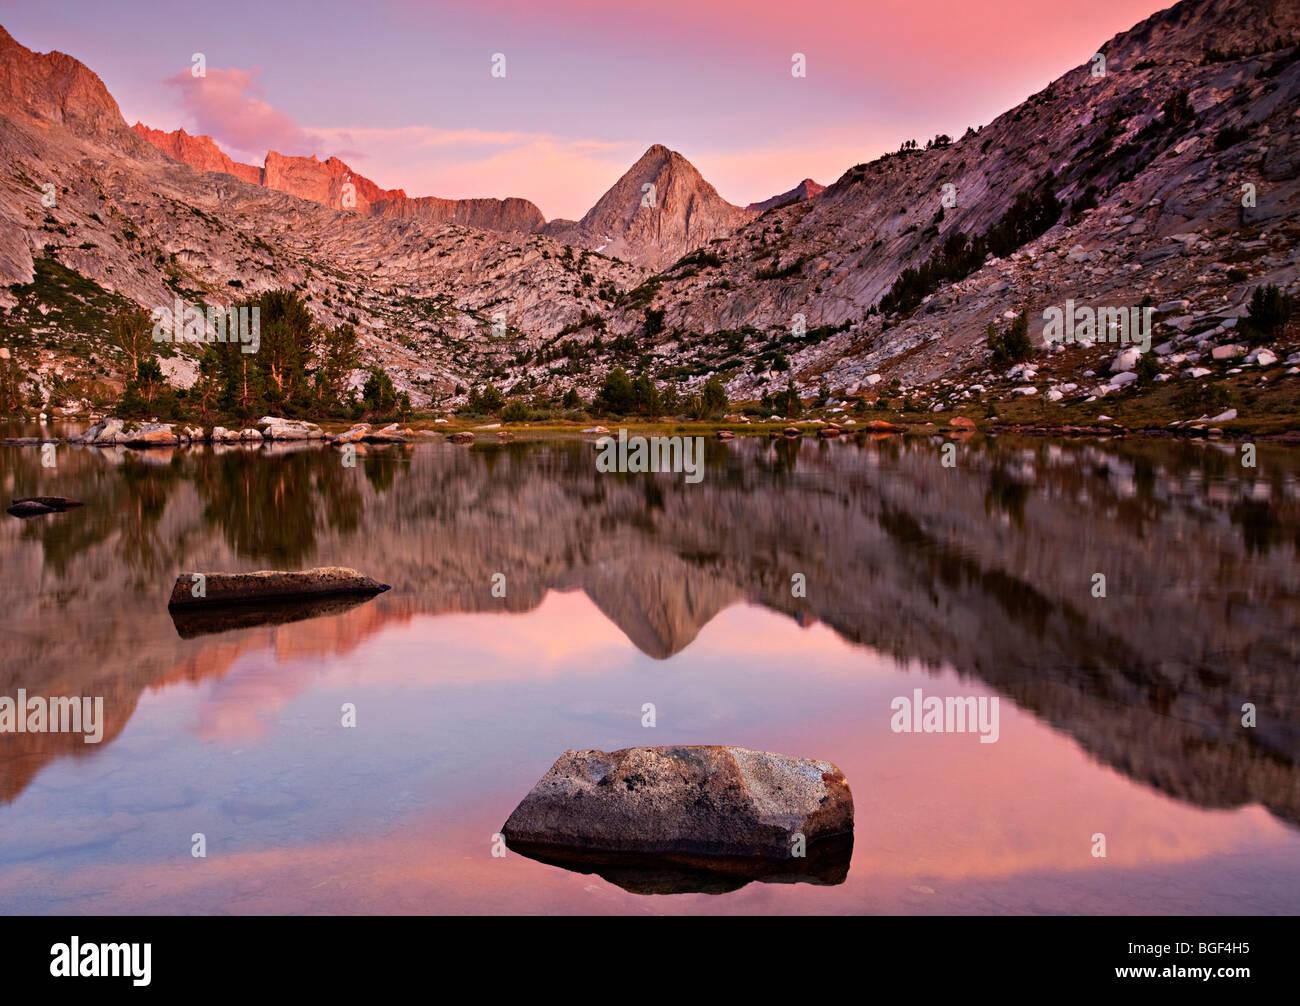 Sunset over Evolution Lake, John Muir Wilderness, Kings Canyon National Park, Sierra Nevada, California - Stock Image